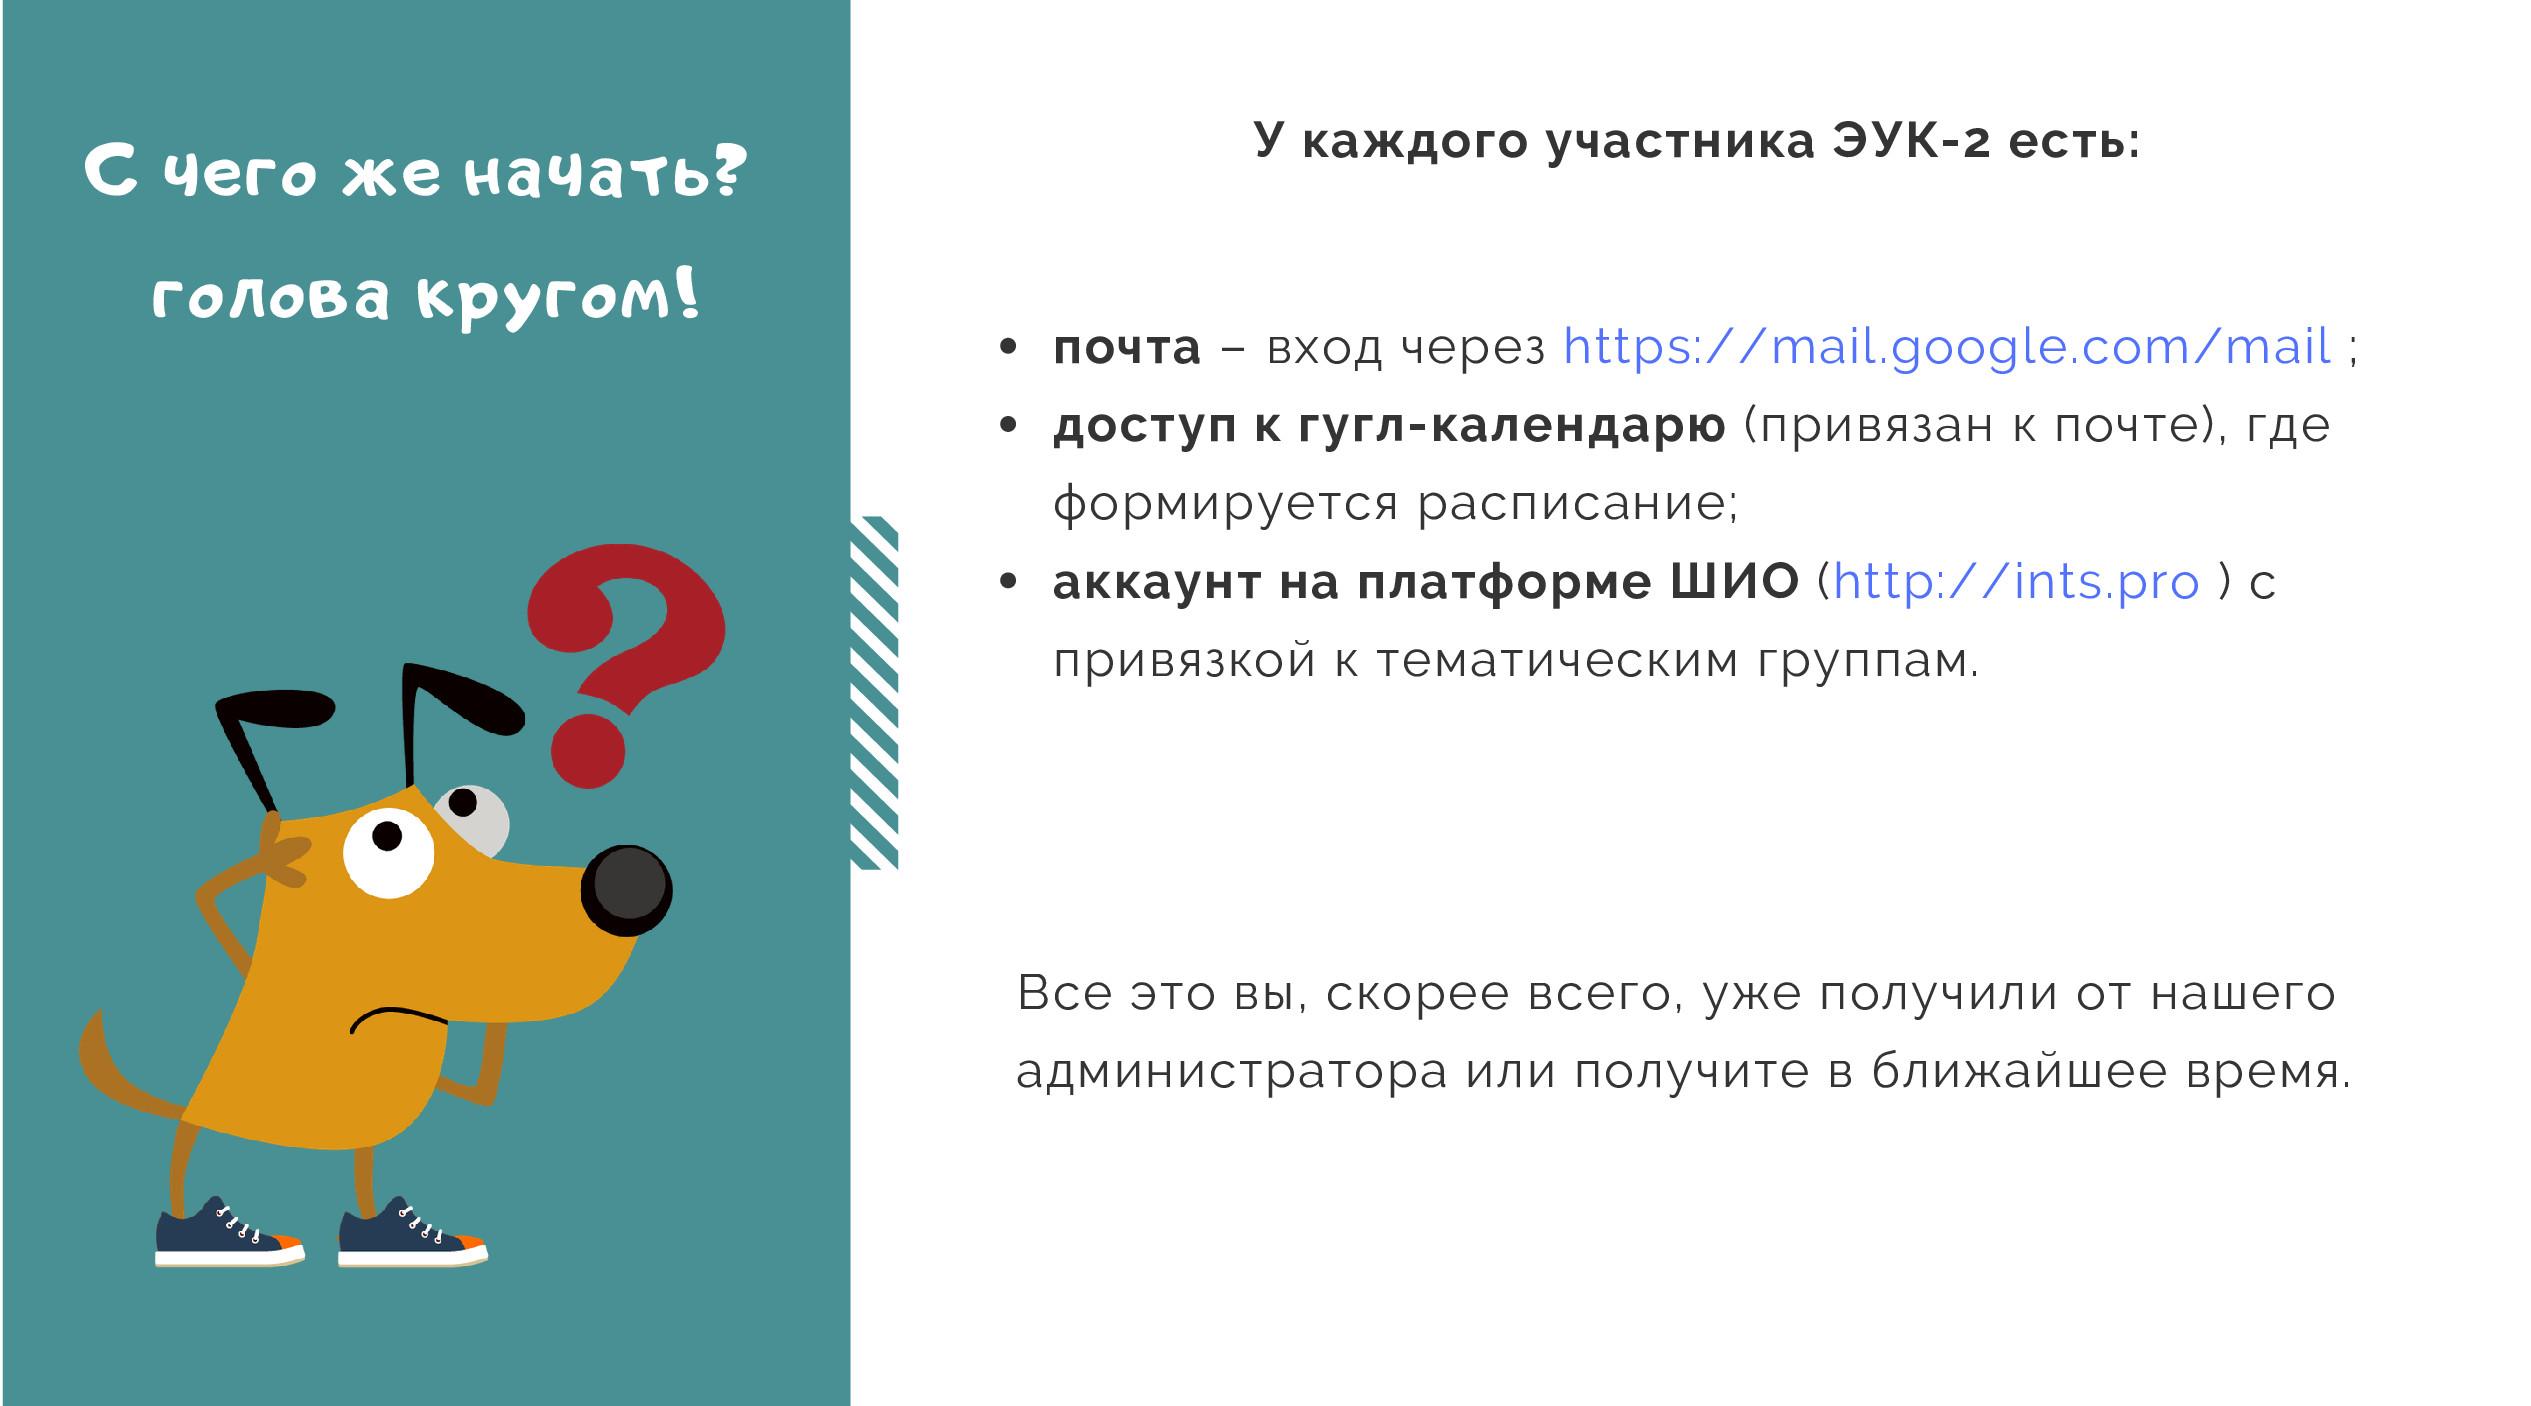 ПУТЕВОДИТЕЛЬ ЭУК2-3